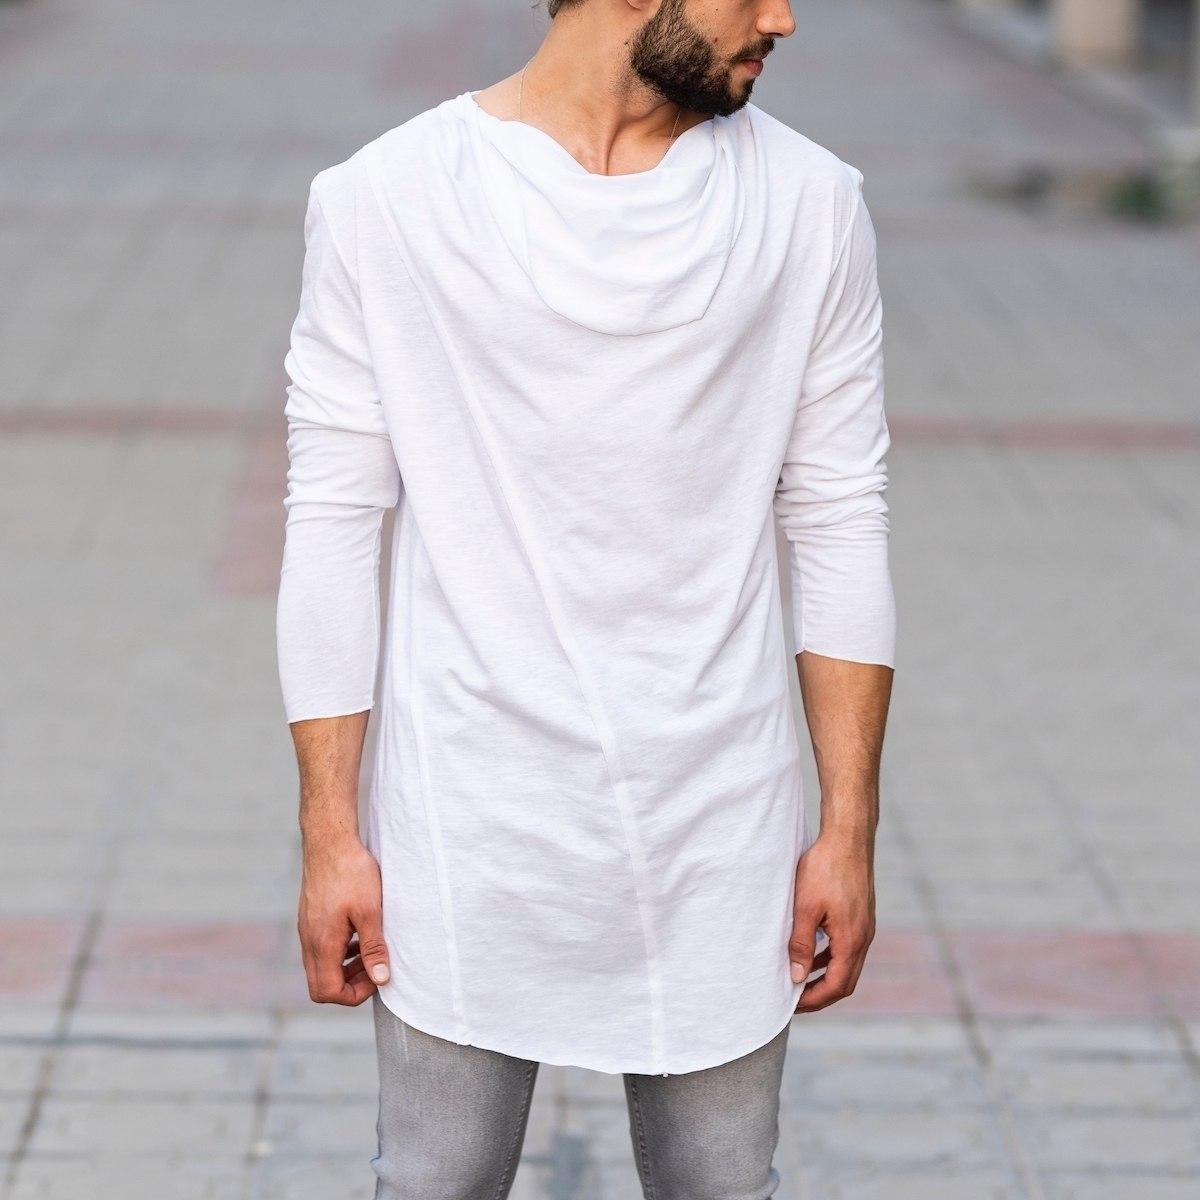 Scarf-Neck Sweatshirt In White Mv Premium Brand - 1